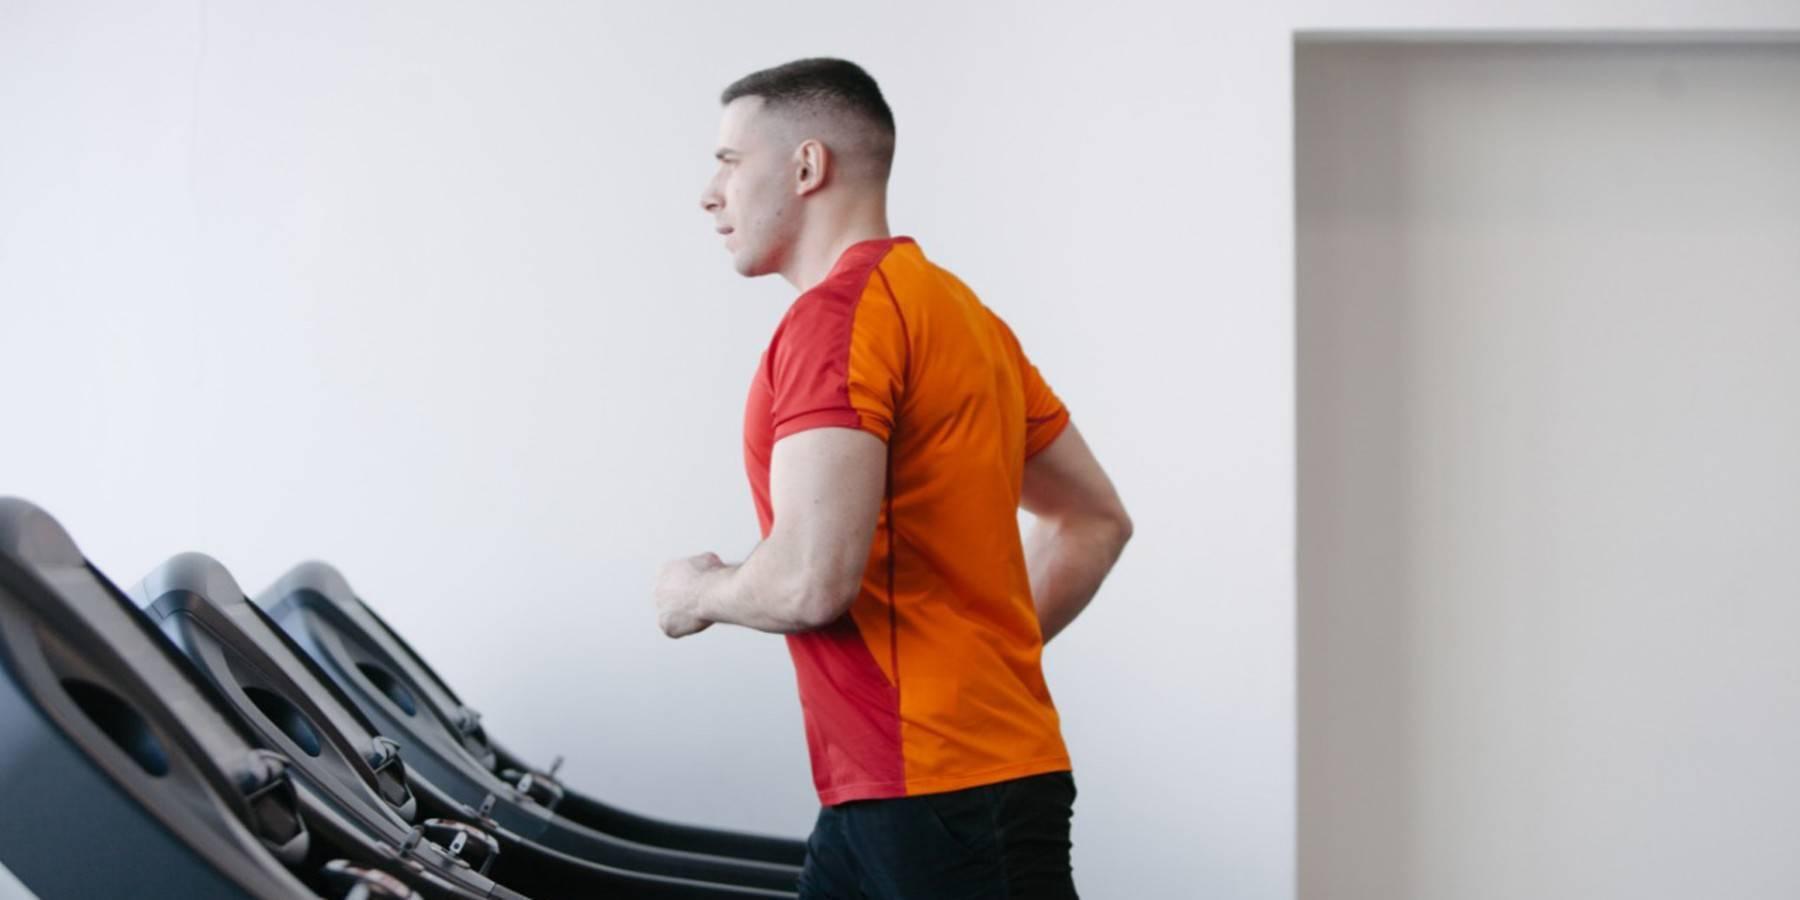 Лечебная физкультура и спорт при бронхиальной астме